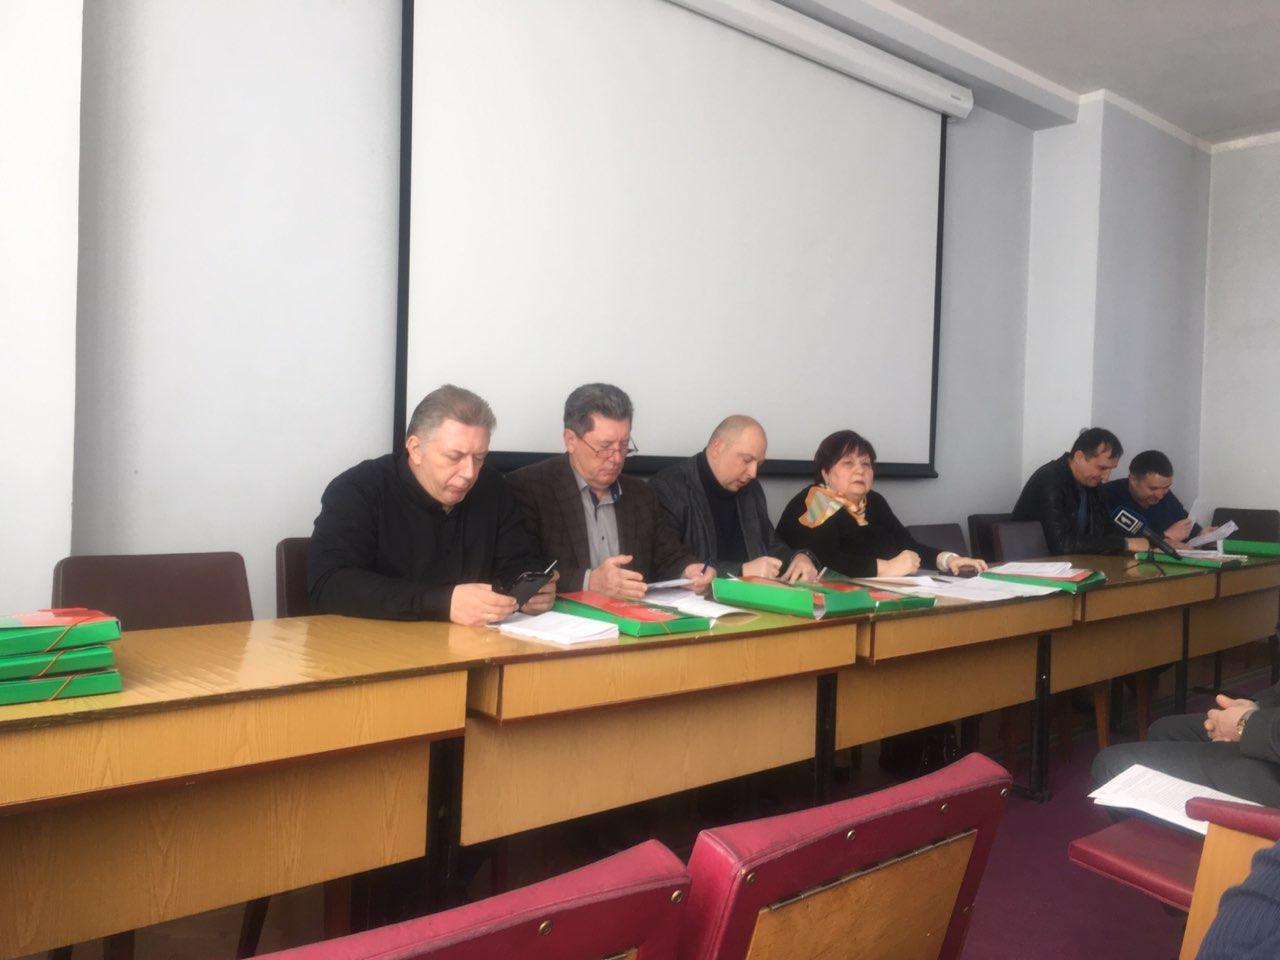 В Кривом Роге открылась сессия горсовета. Сегодня проходят заседания постоянных комиссий, - ПРЯМАЯ ТРАНСЛЯЦИЯ